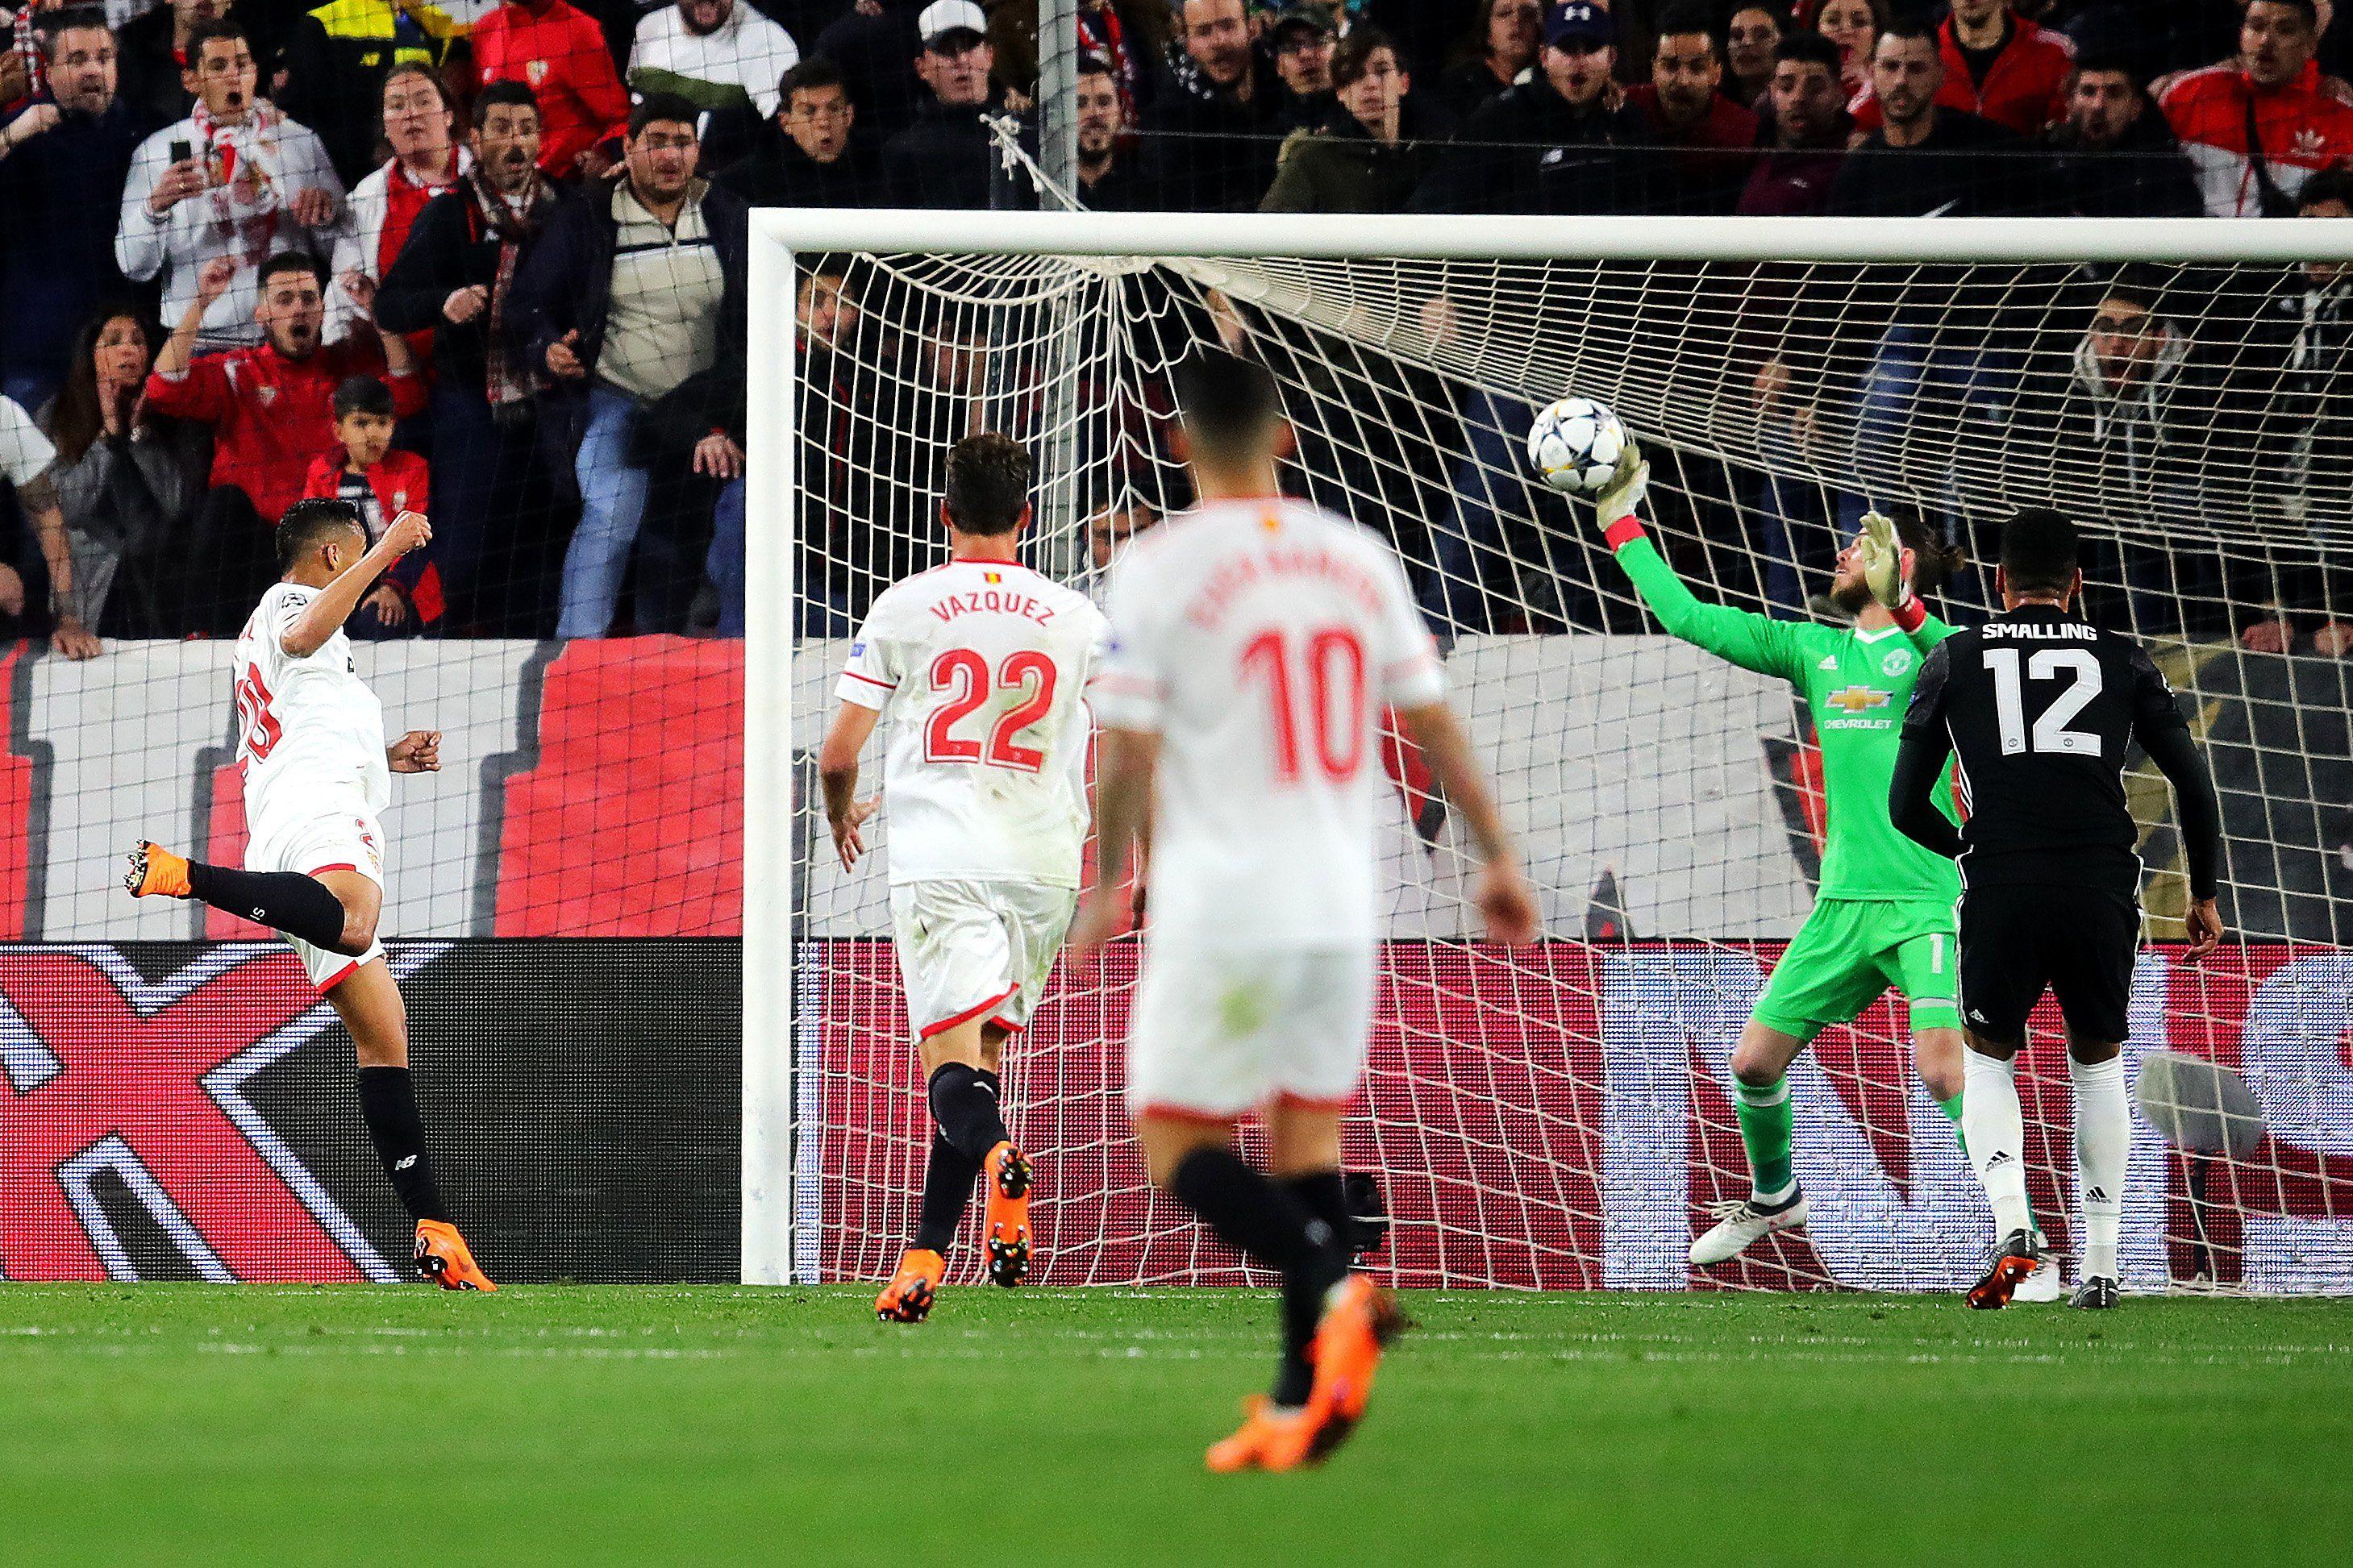 Champions League De Gea Saves Manchester United Against Sevilla Manchester United Uefa Champions League Champions League